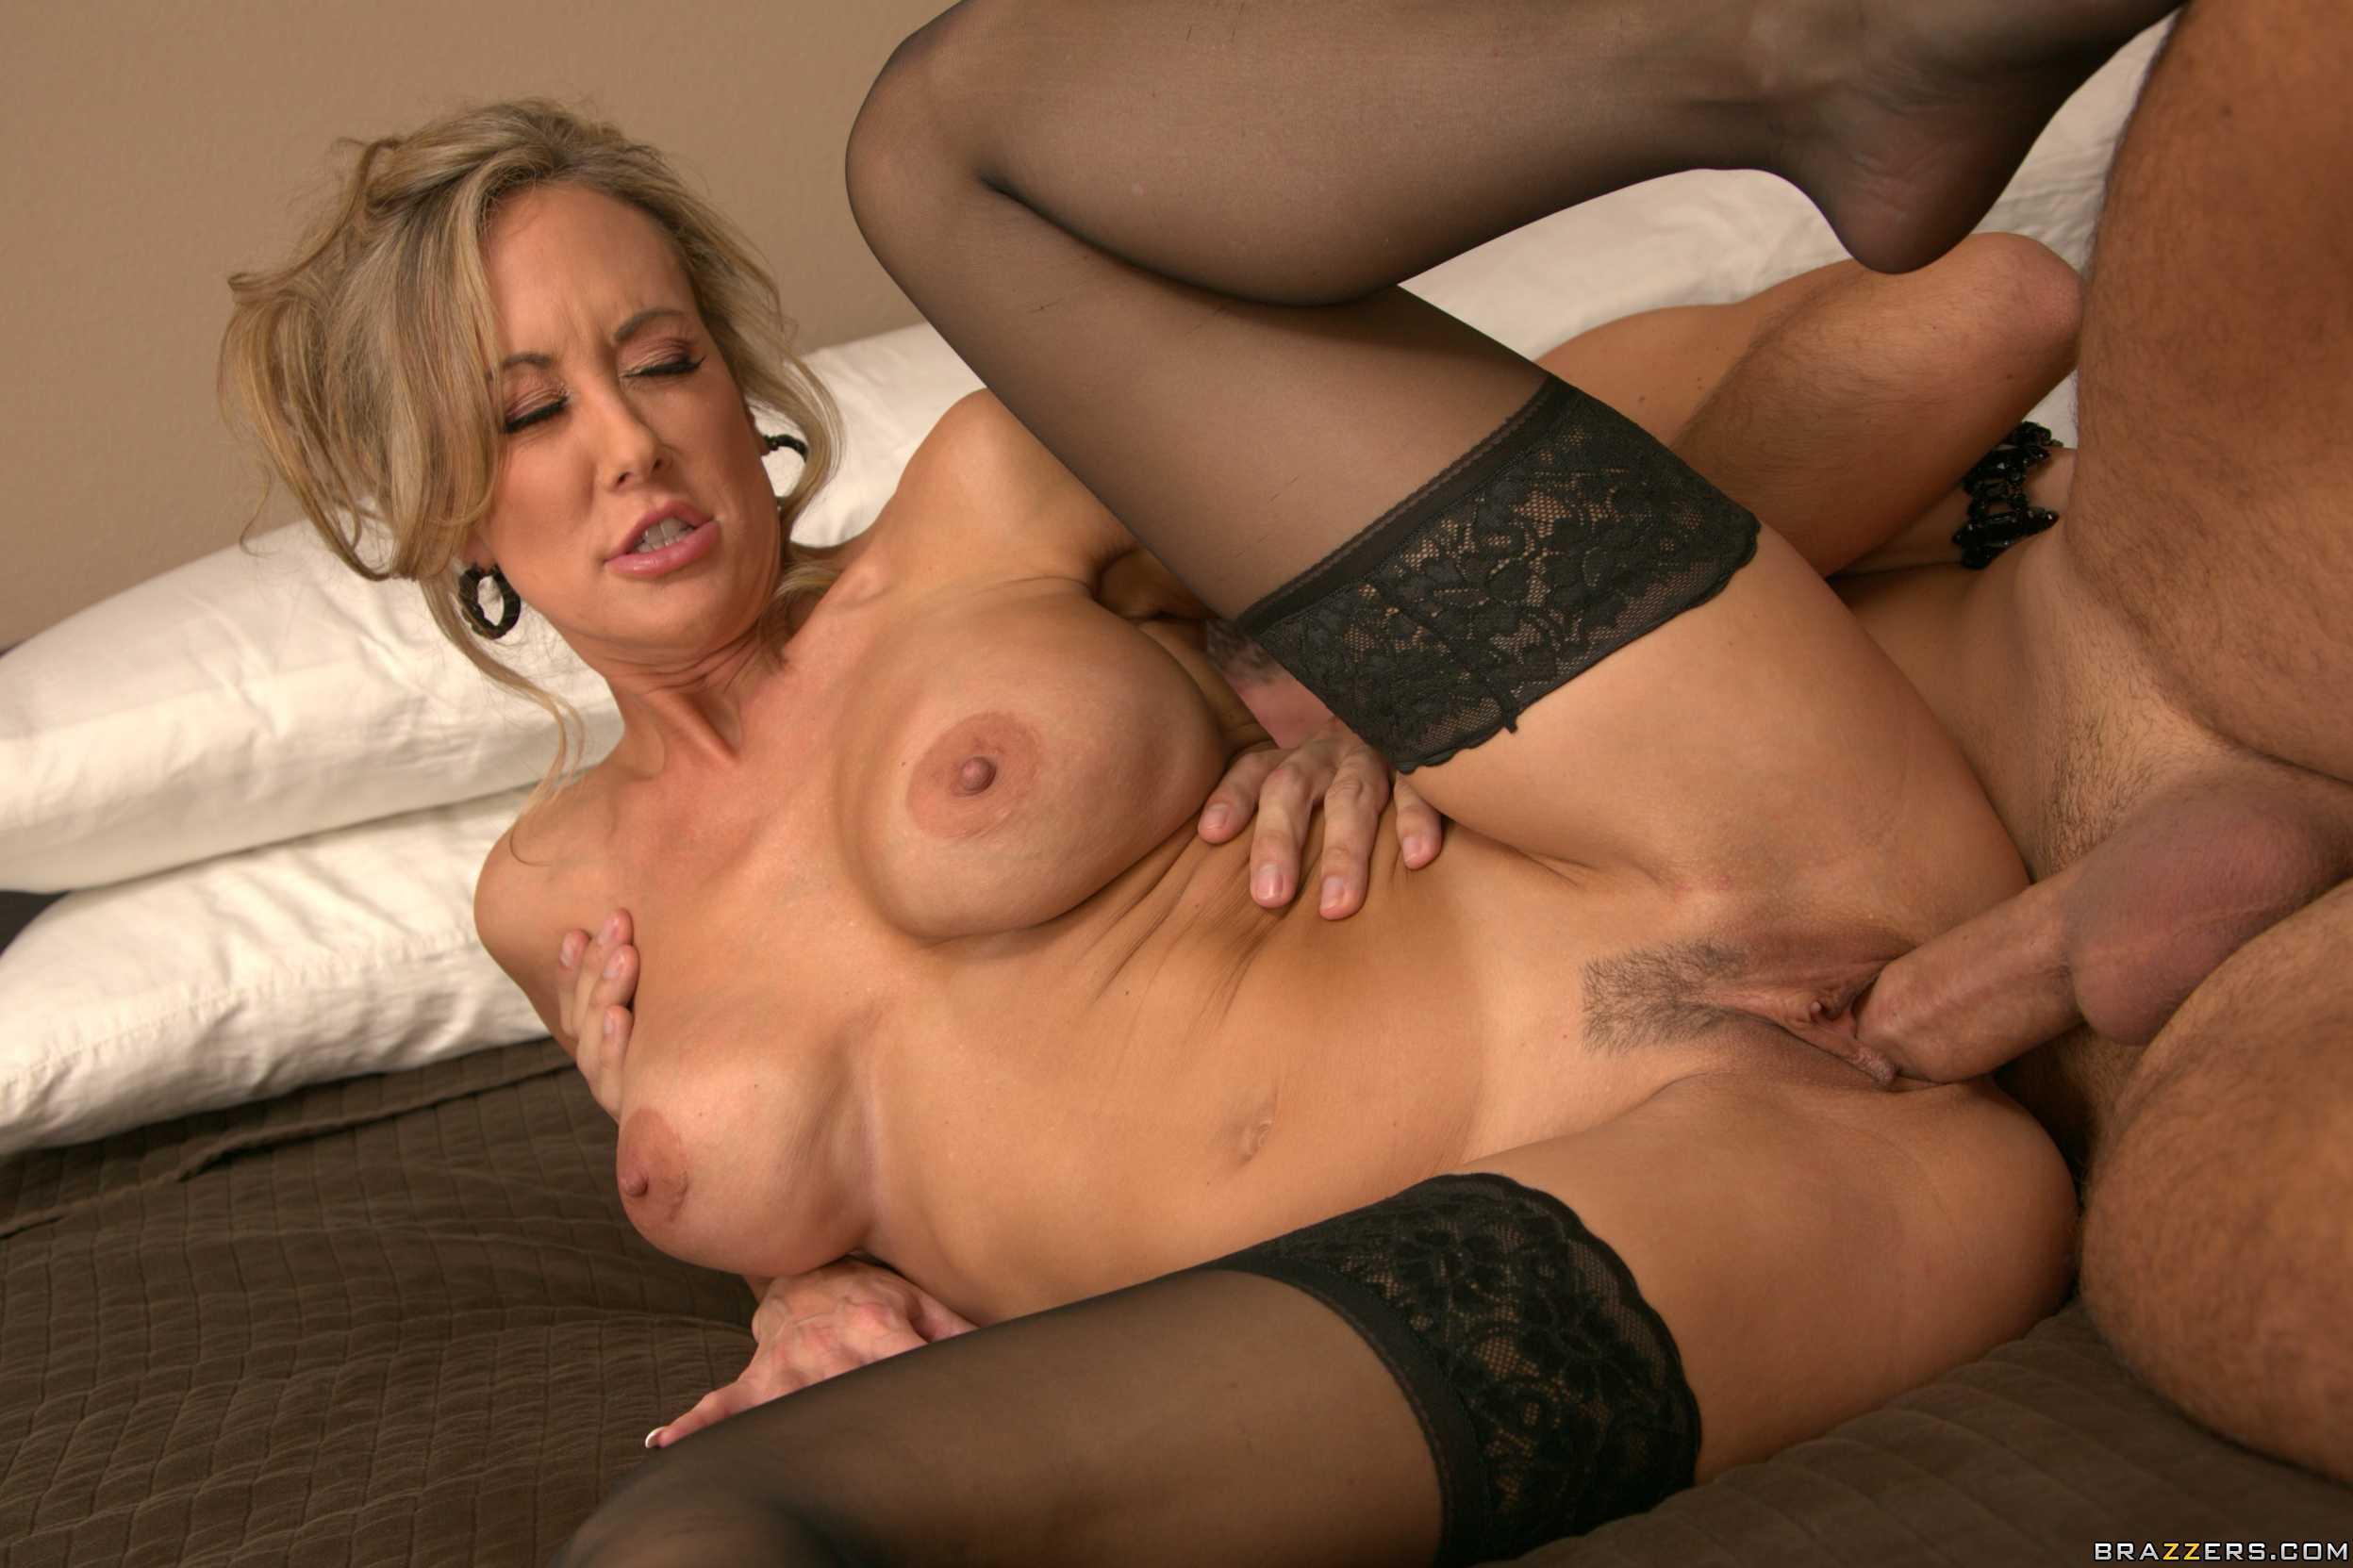 Порно онлайн бранди лав смотреть онлайн в hd 720 качестве  фотоография